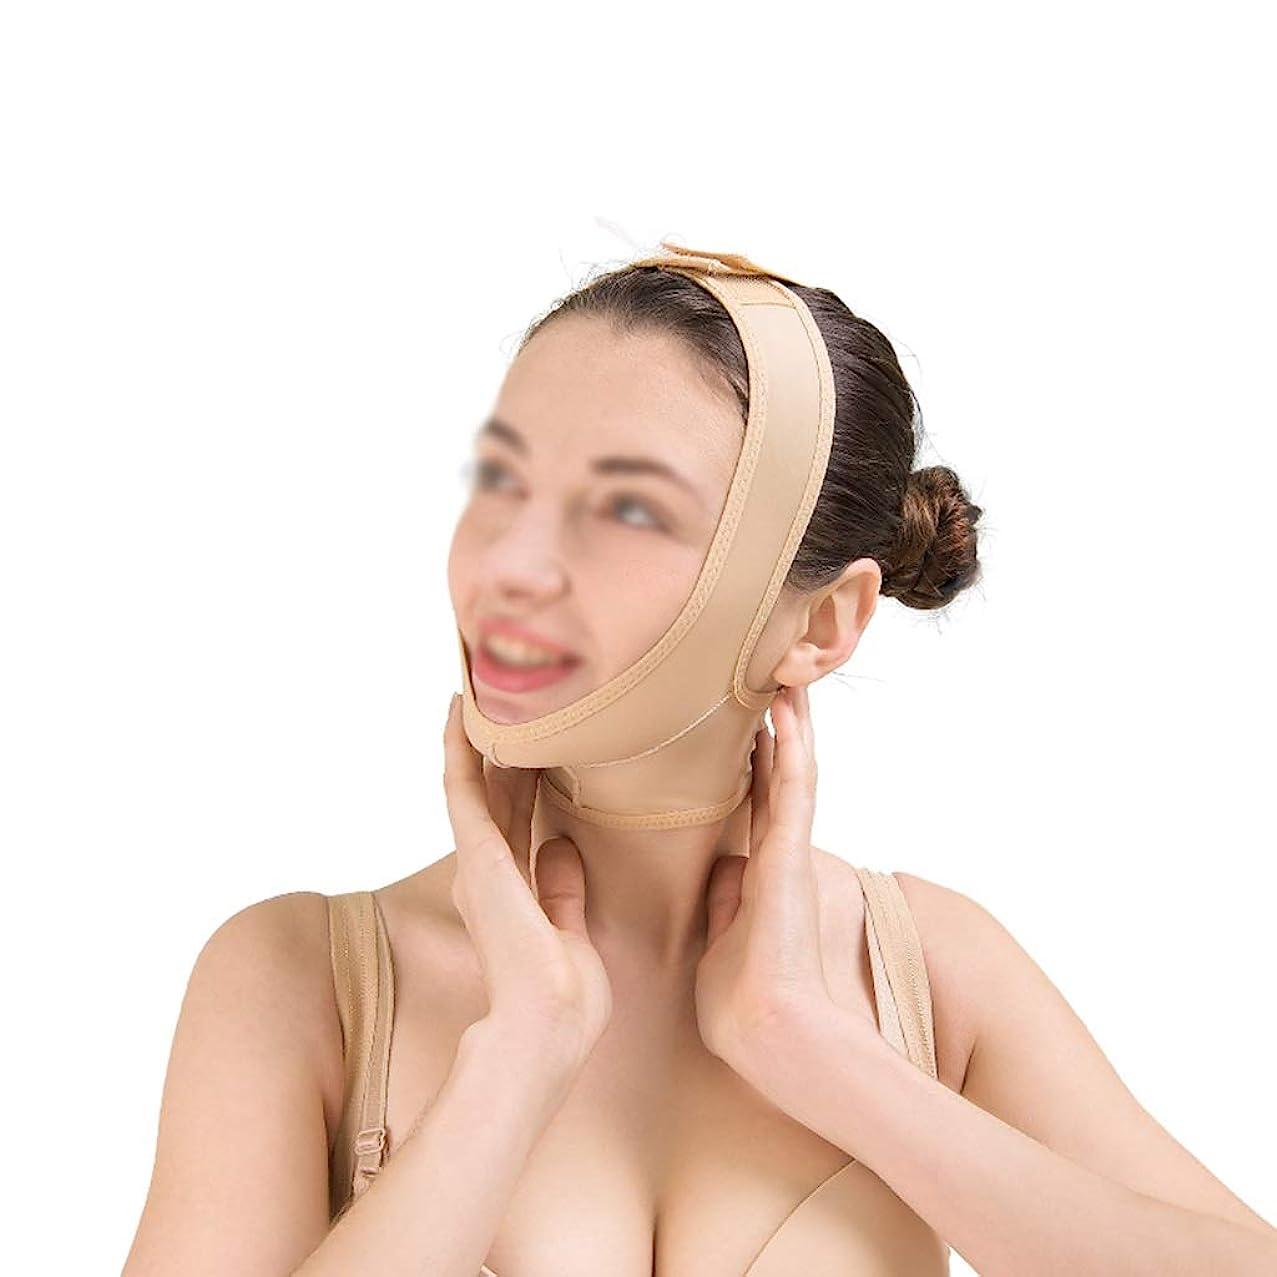 土地ブームナイトスポットXHLMRMJ 二重あごのストラップ、包帯を持ち上げる、持ち上がると肌の包帯を引き締める、通気性のフェイスマスク、快適で通気性のある顔の持ち上がるマスク (Size : XL)